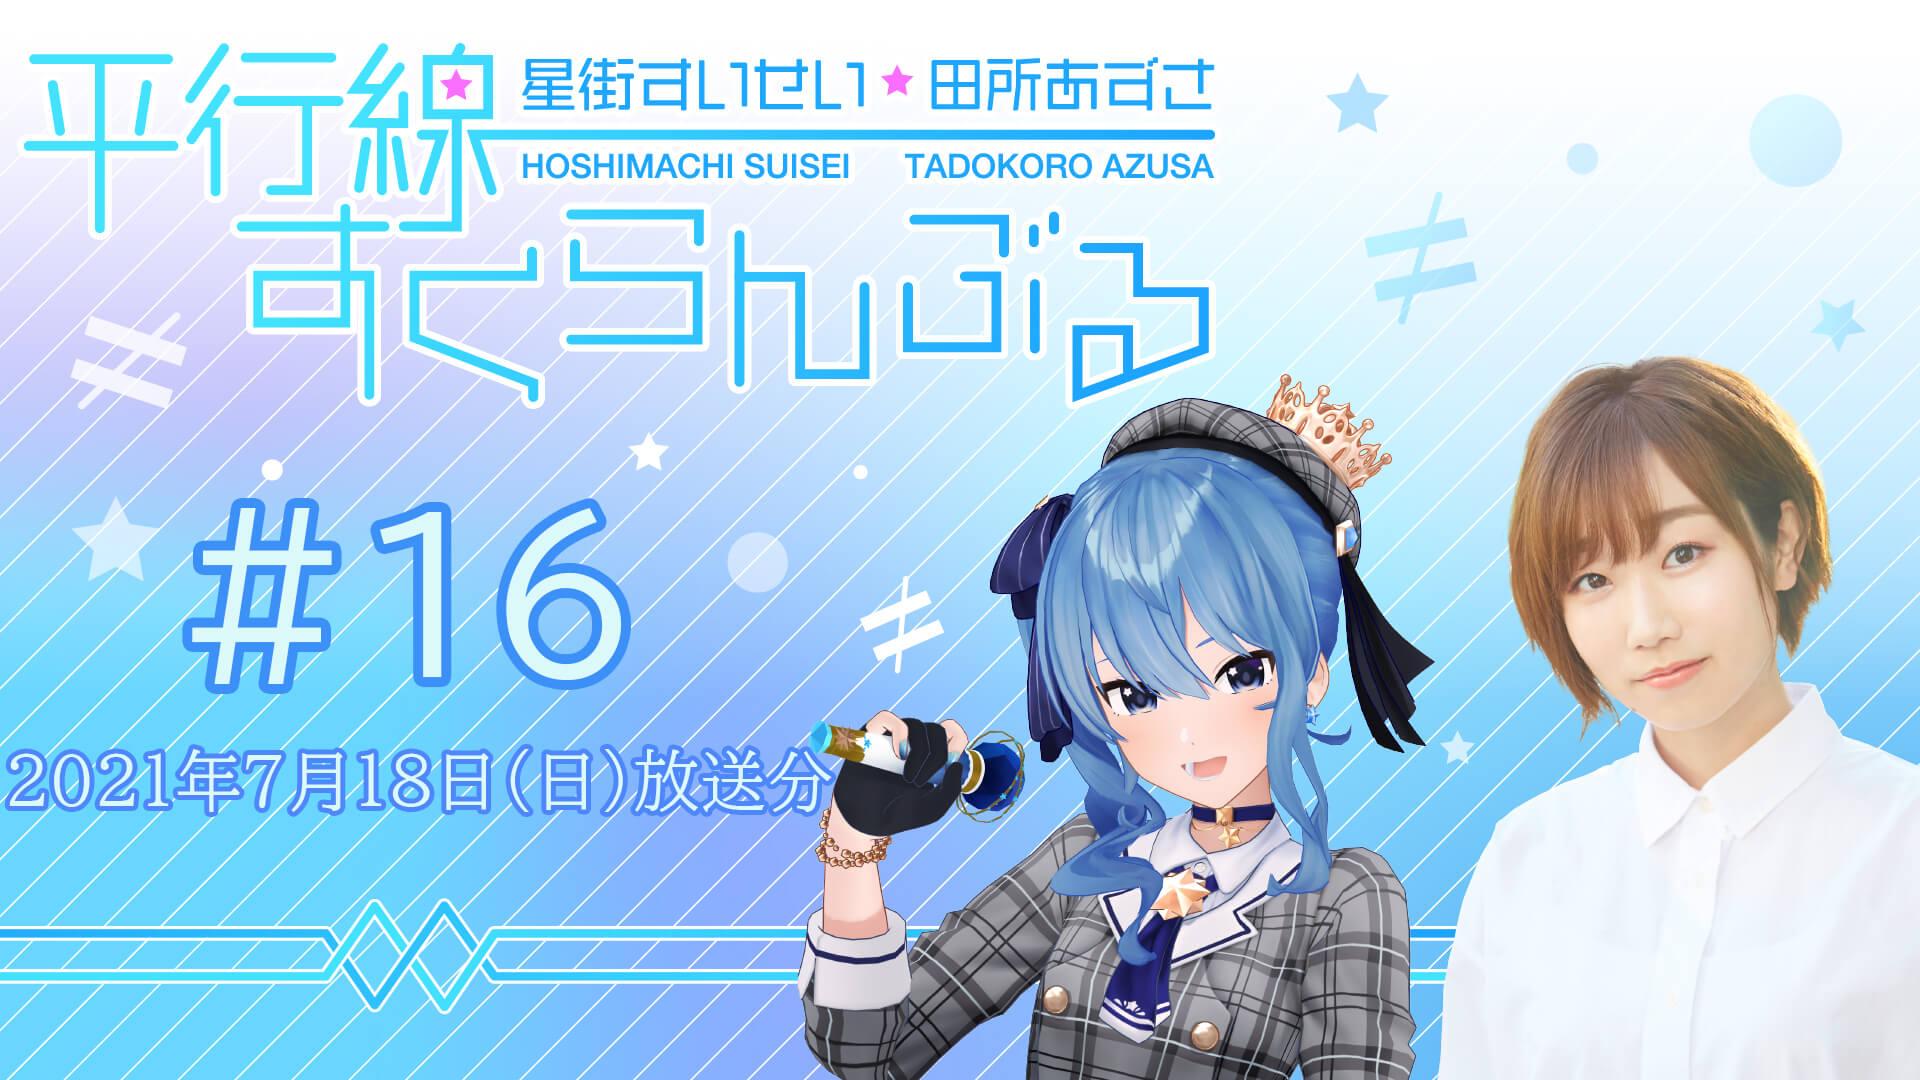 #16『星街すいせい・田所あずさ 平行線すくらんぶる』(2021年7月18日放送分)